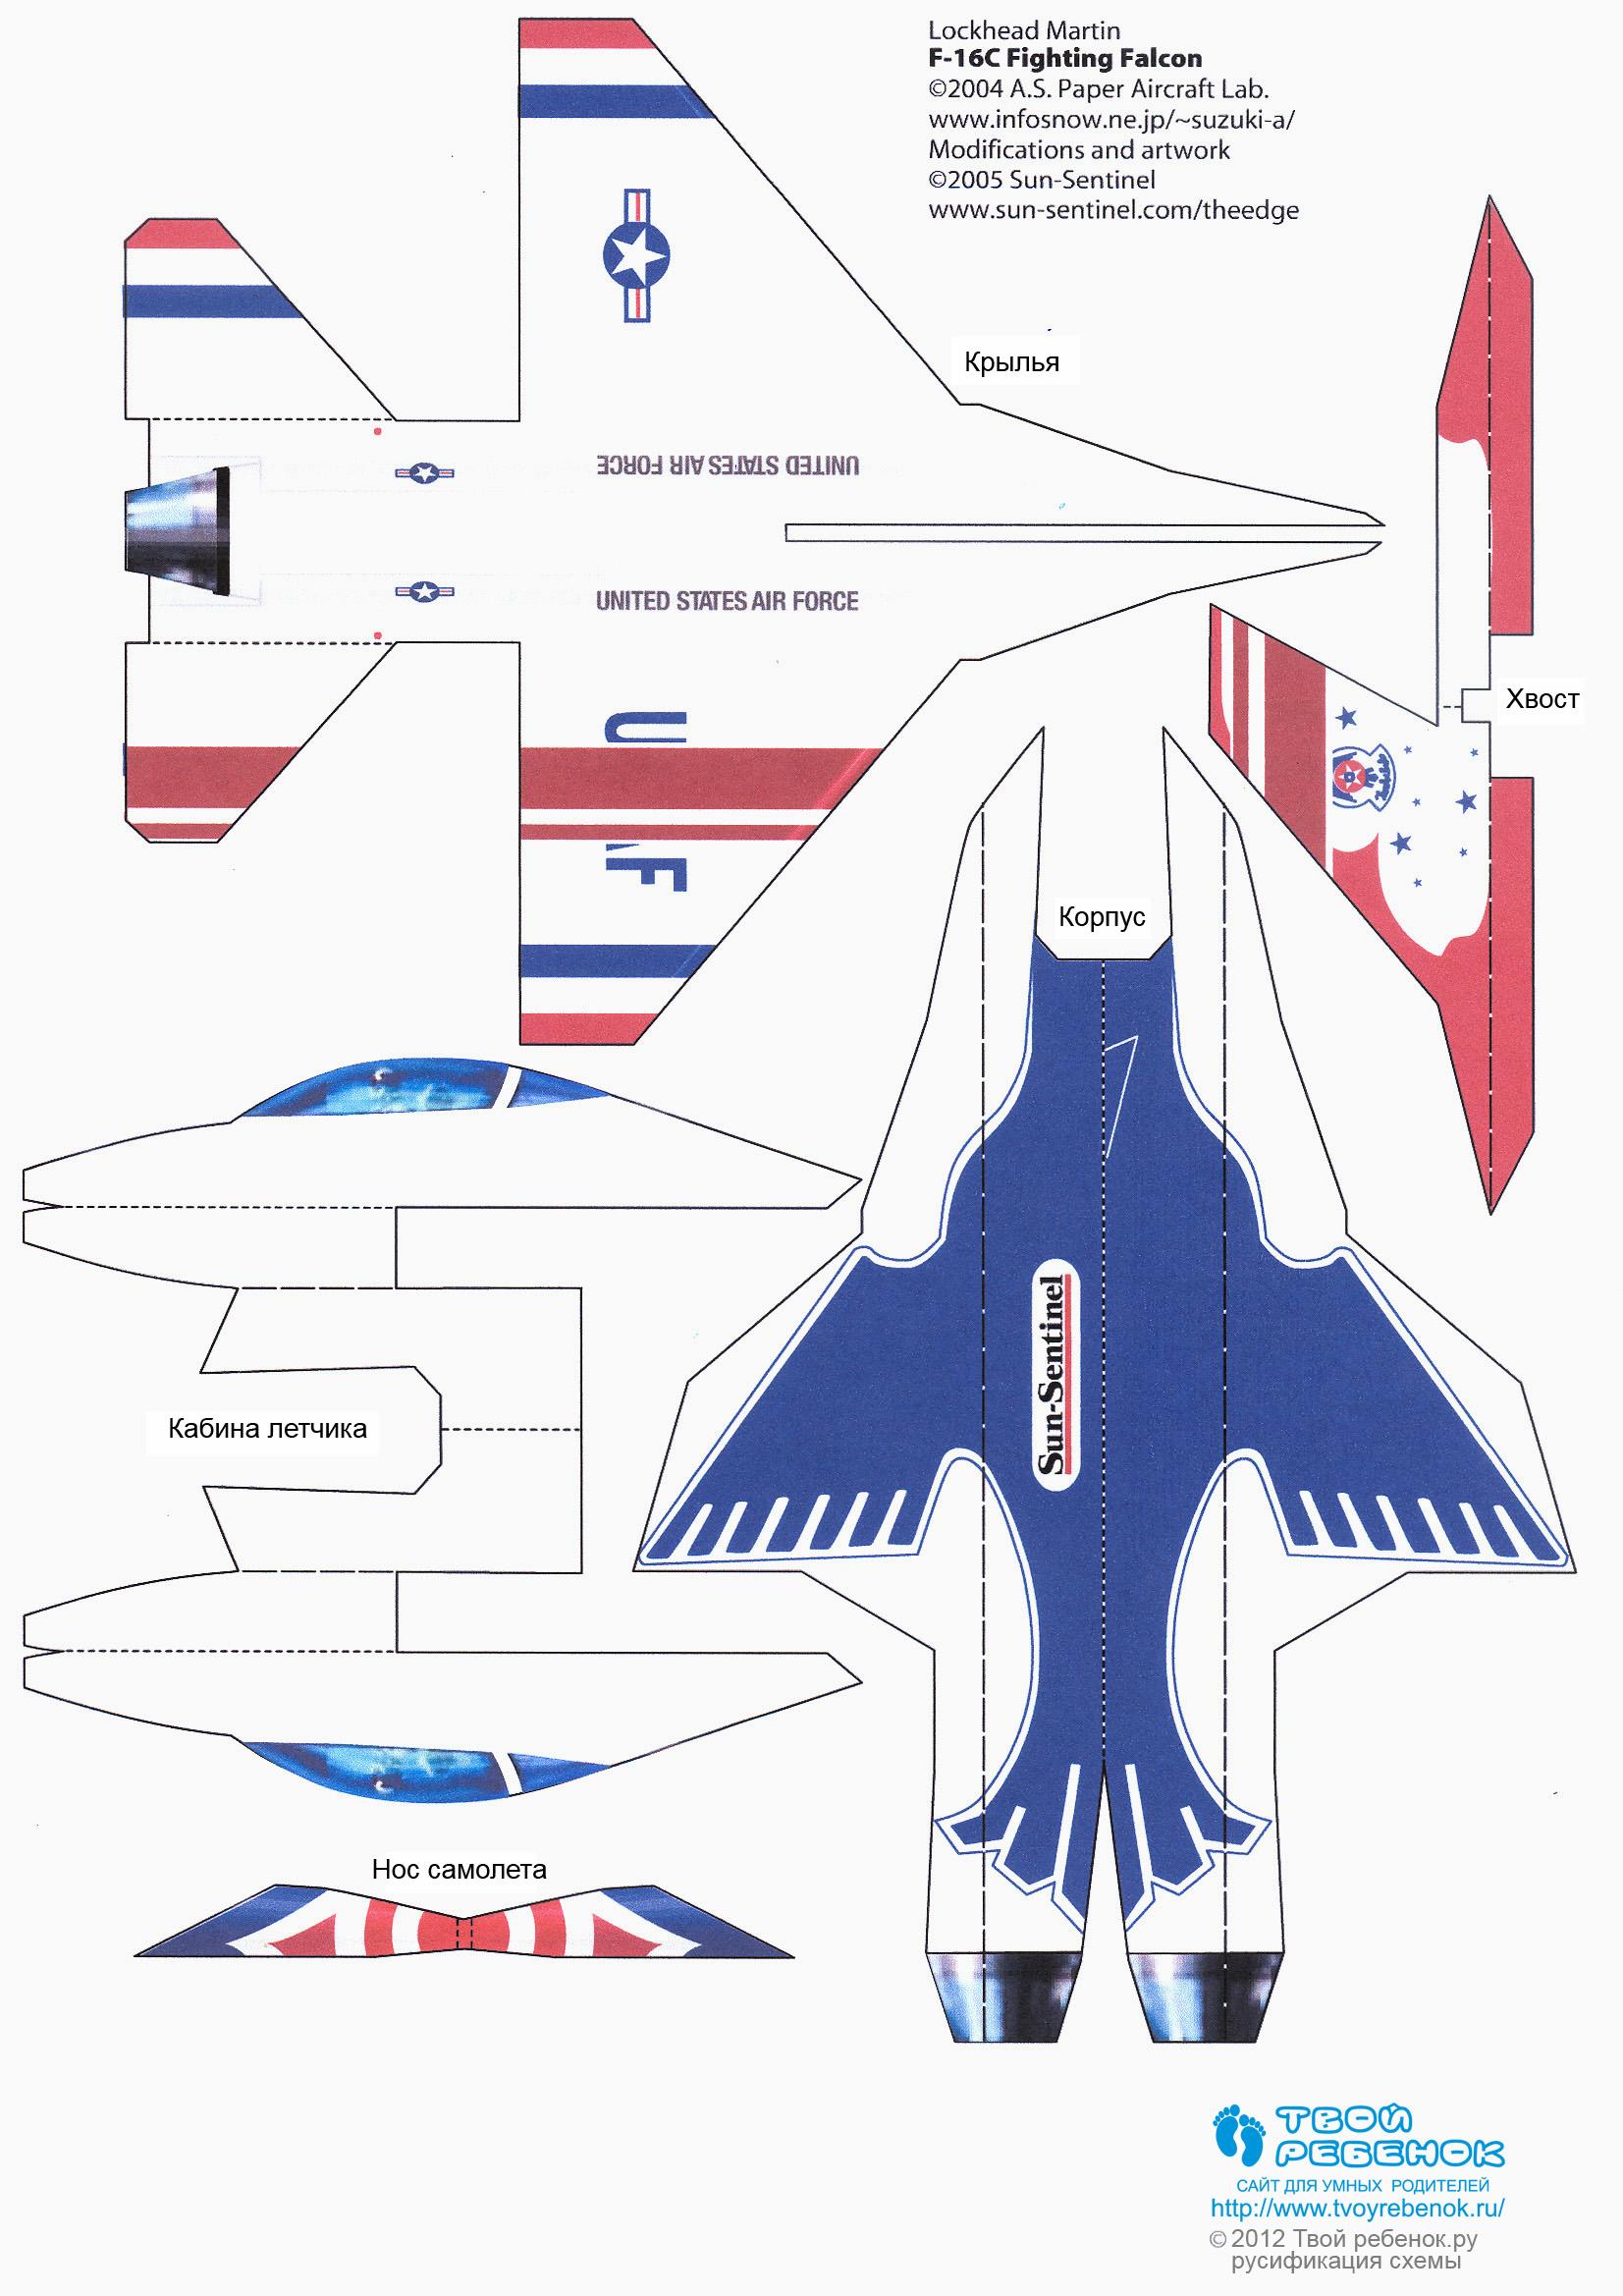 Dail : как сделать самалет чертежи самолета бесплатно